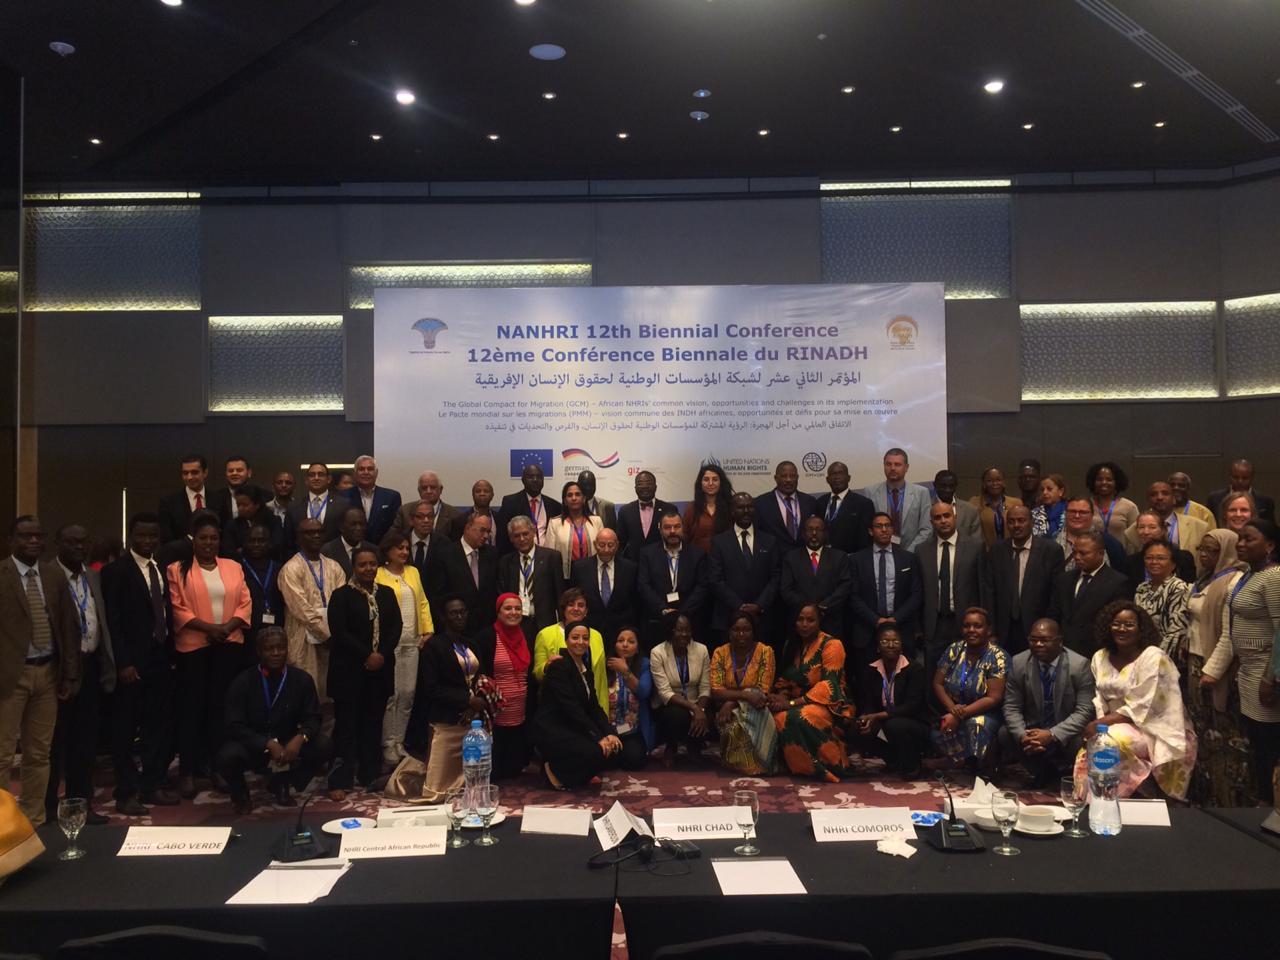 """المؤتمر الثاني عشر لشبكة المؤسسات الوطنية لحقوق الإنسان الأفريقية """"الاتفاق العالمي من أجل الهجرة"""""""